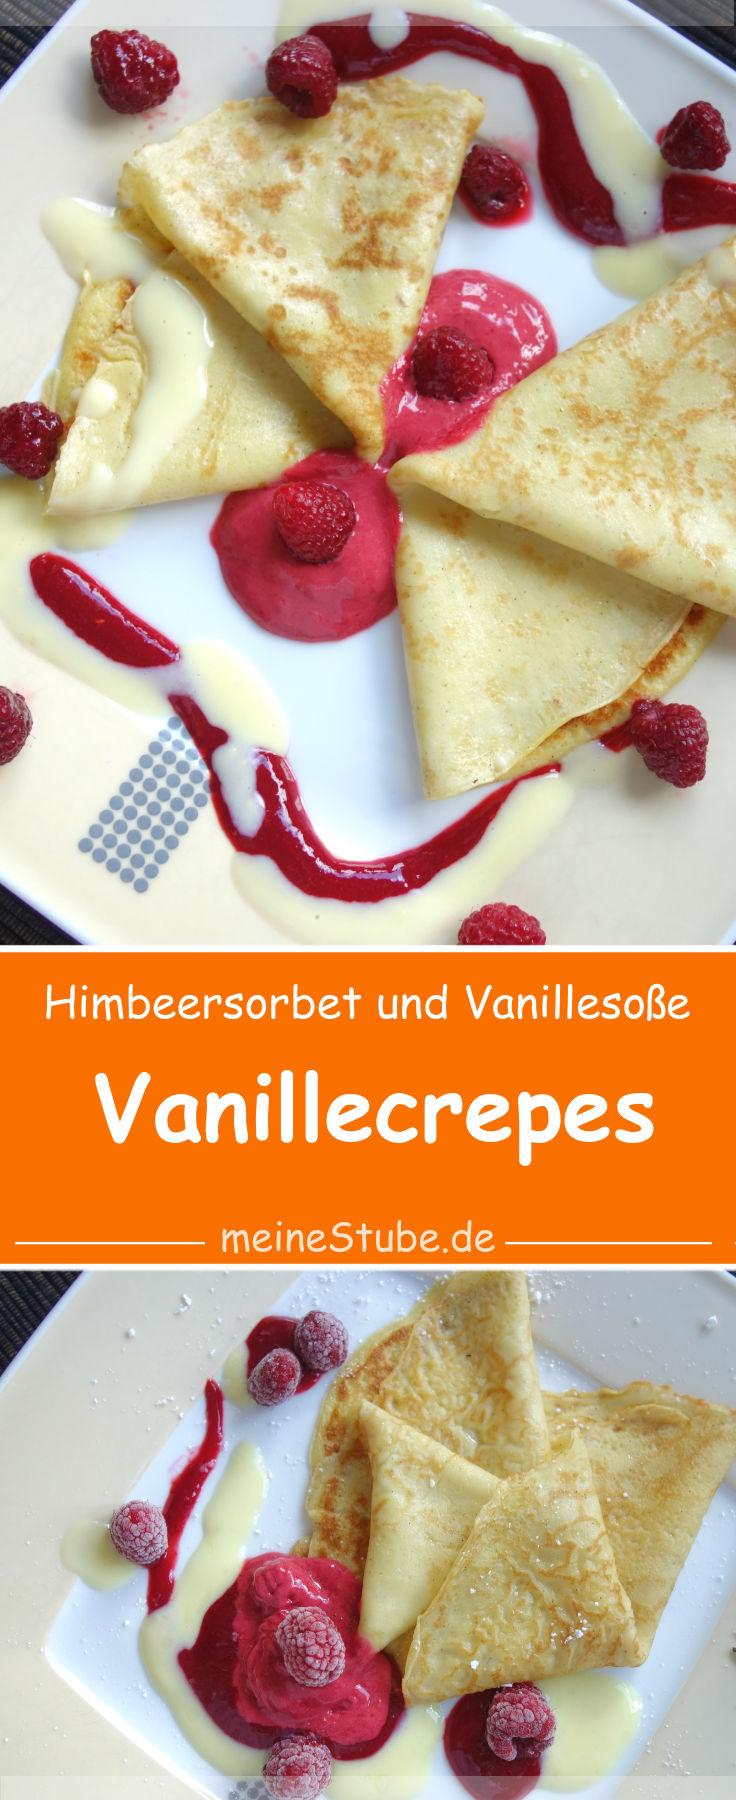 vanillecrepes-himbeersorbet-vanillesosse